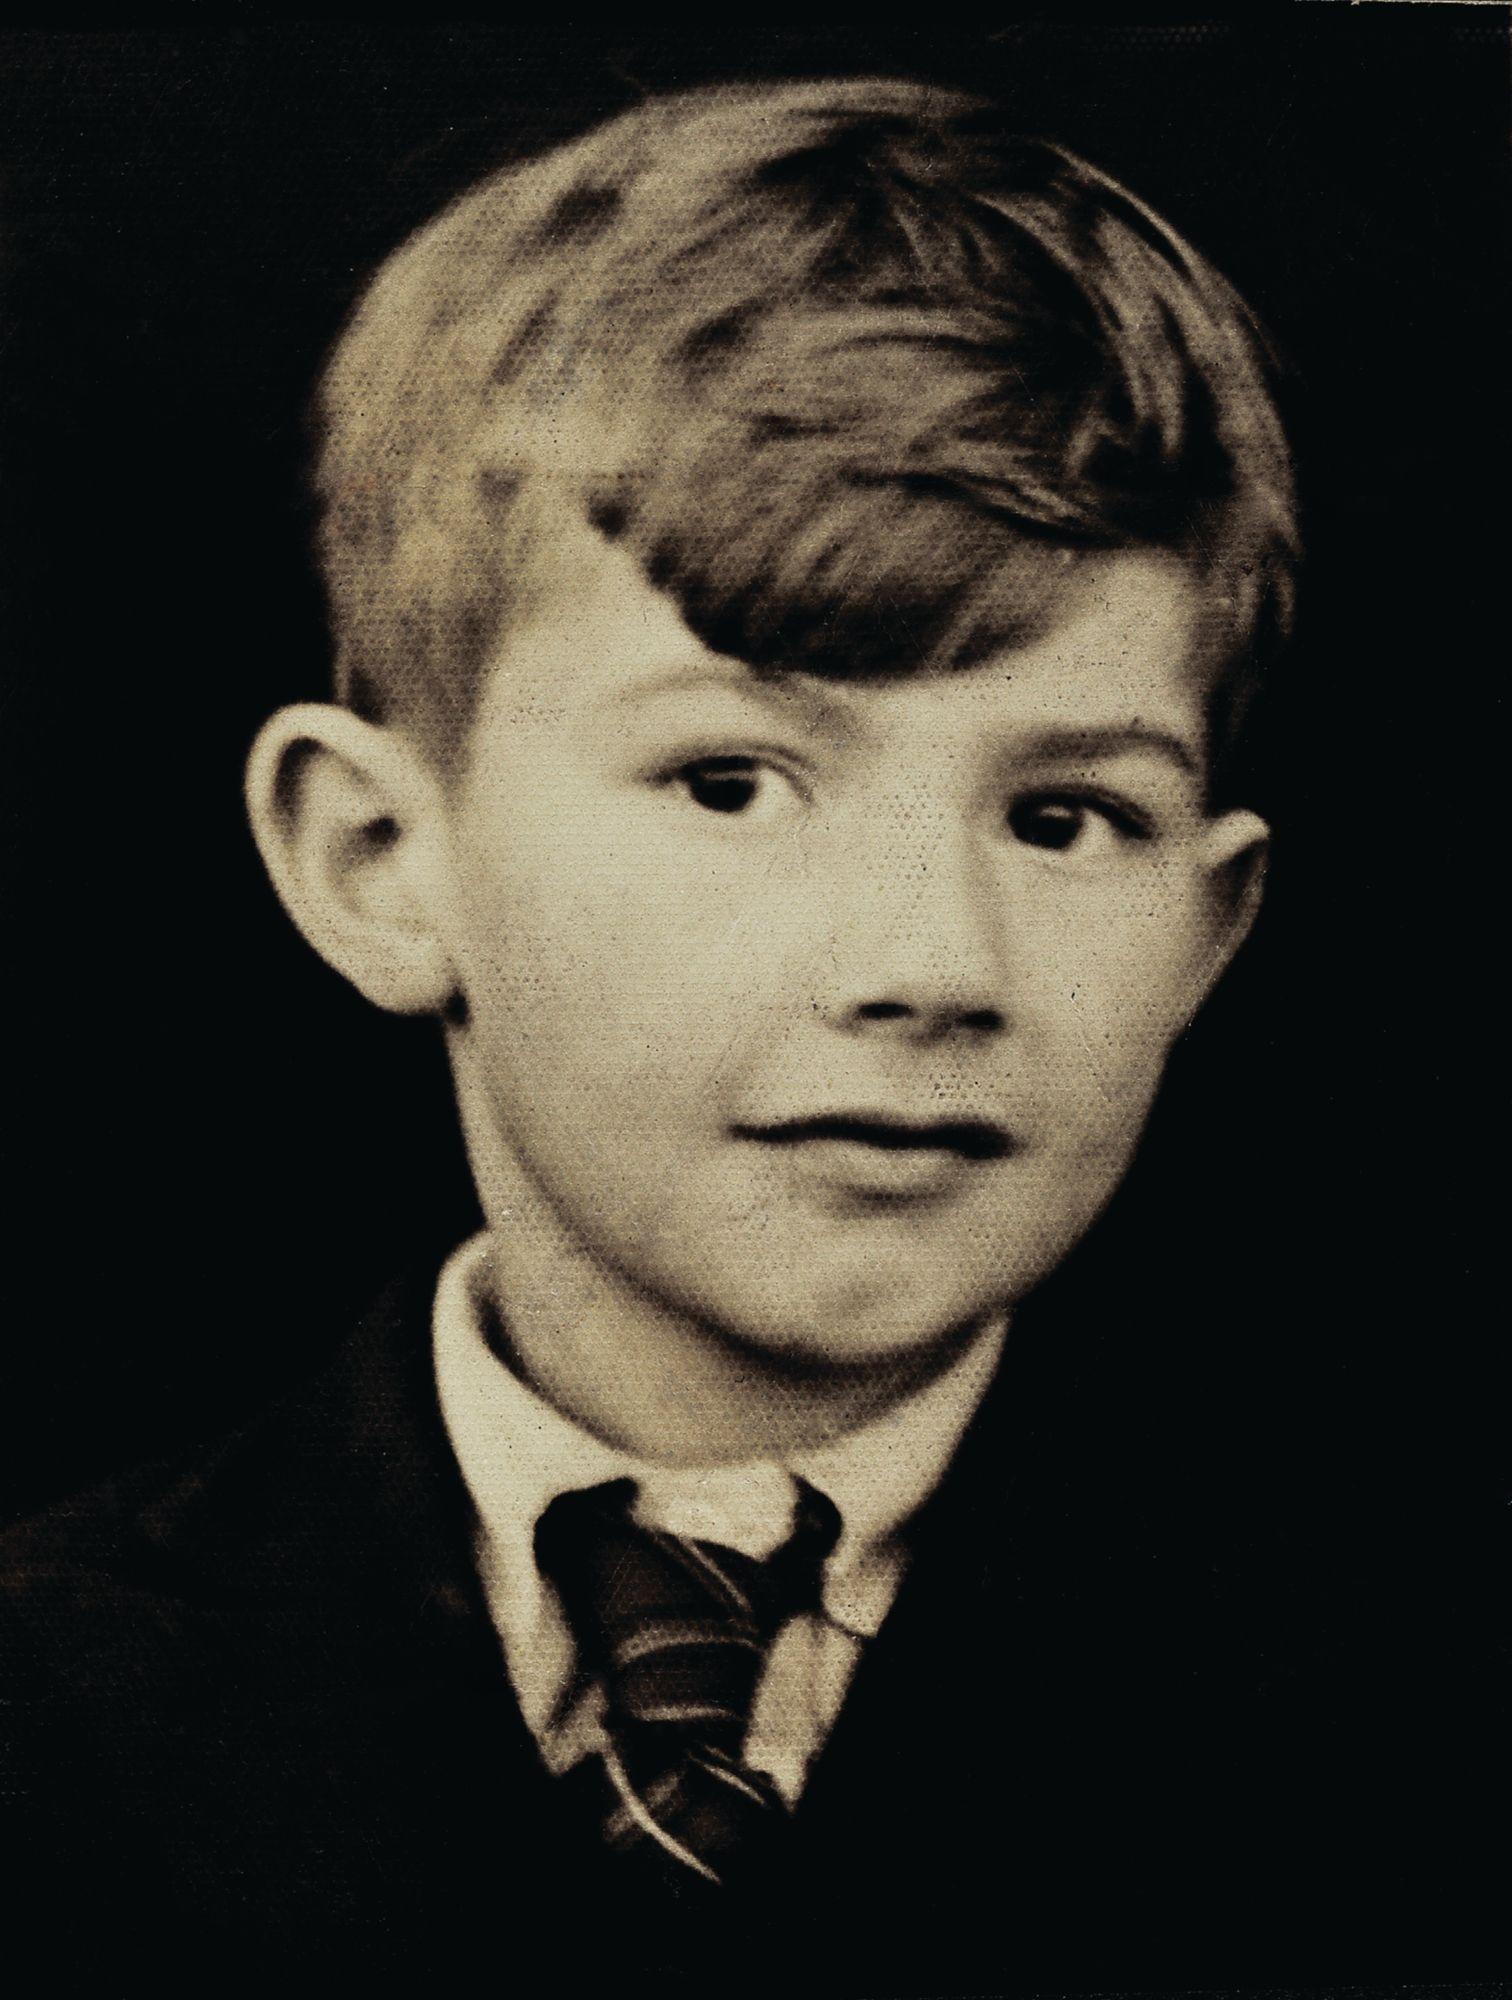 Paul Smith 早期的照片。